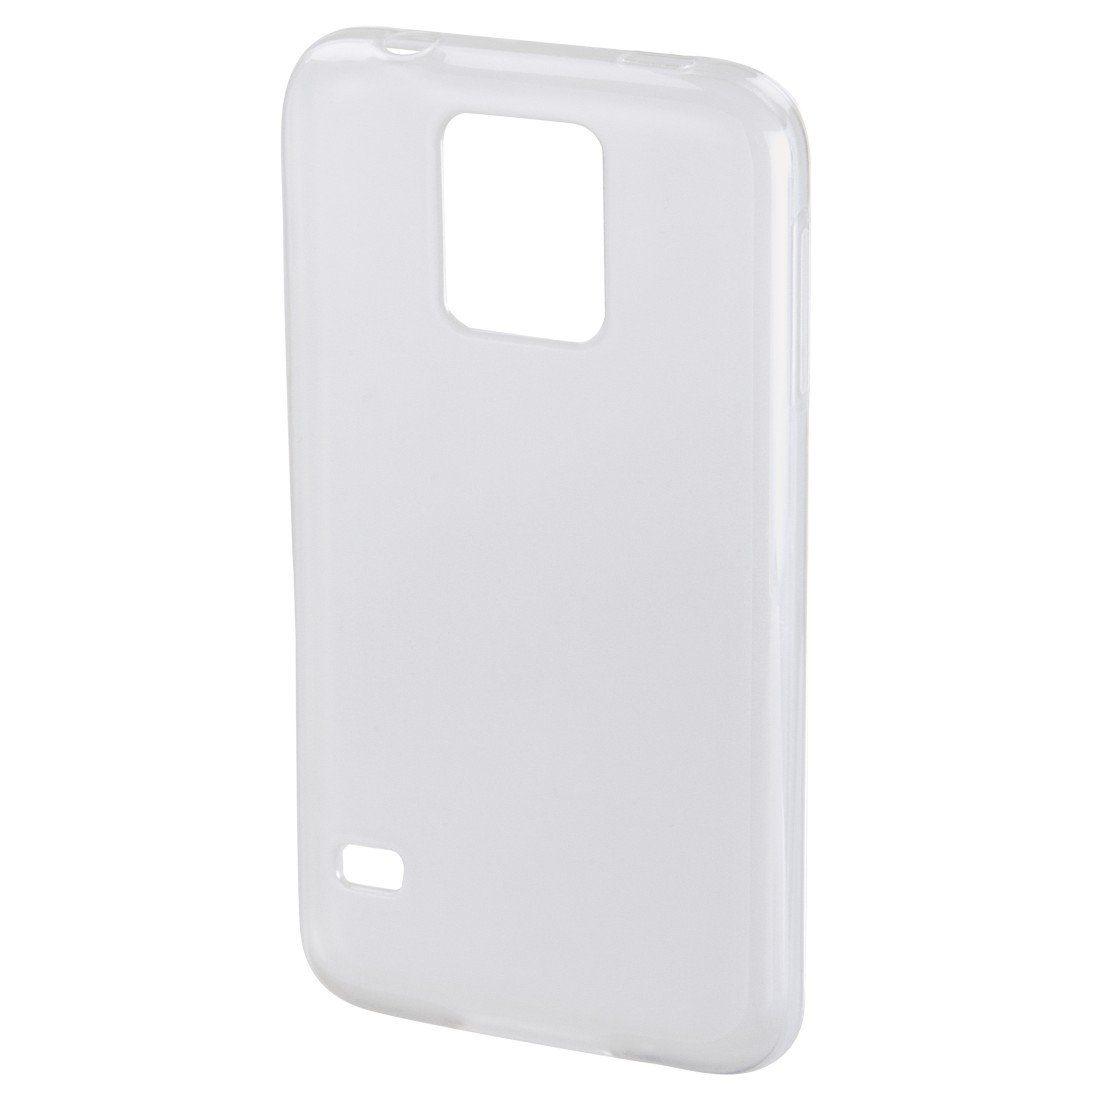 Hama Handyhülle für Samsung Galaxy S5 (Neo) Case Schutzhülle »Handycover ultra slim«